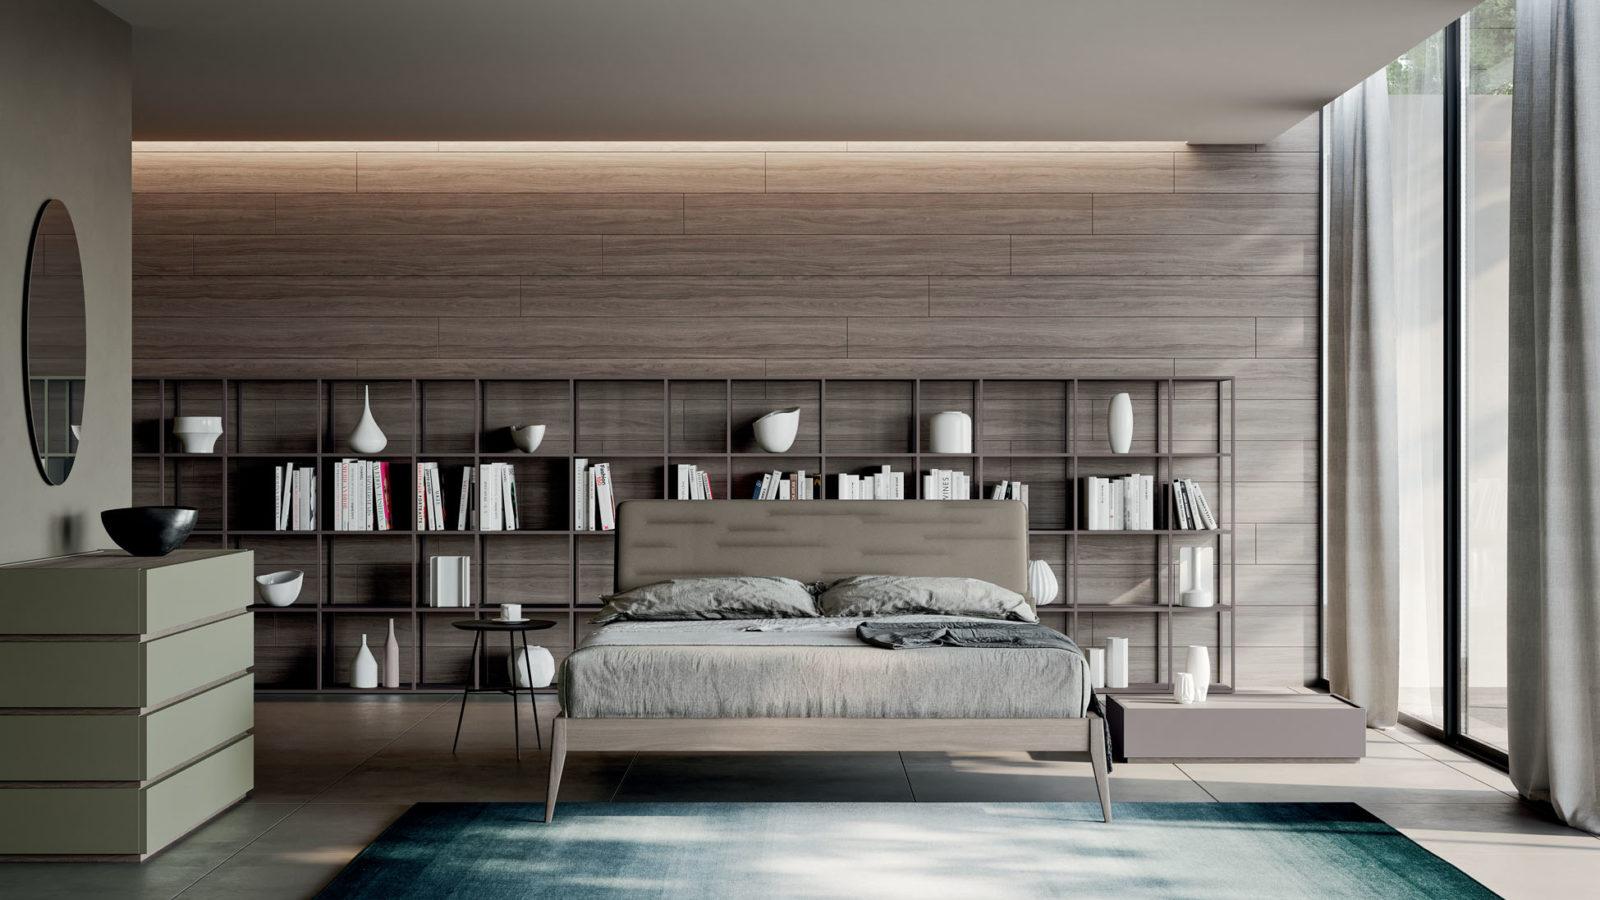 letto-larissa-4-orme-1600x900-1